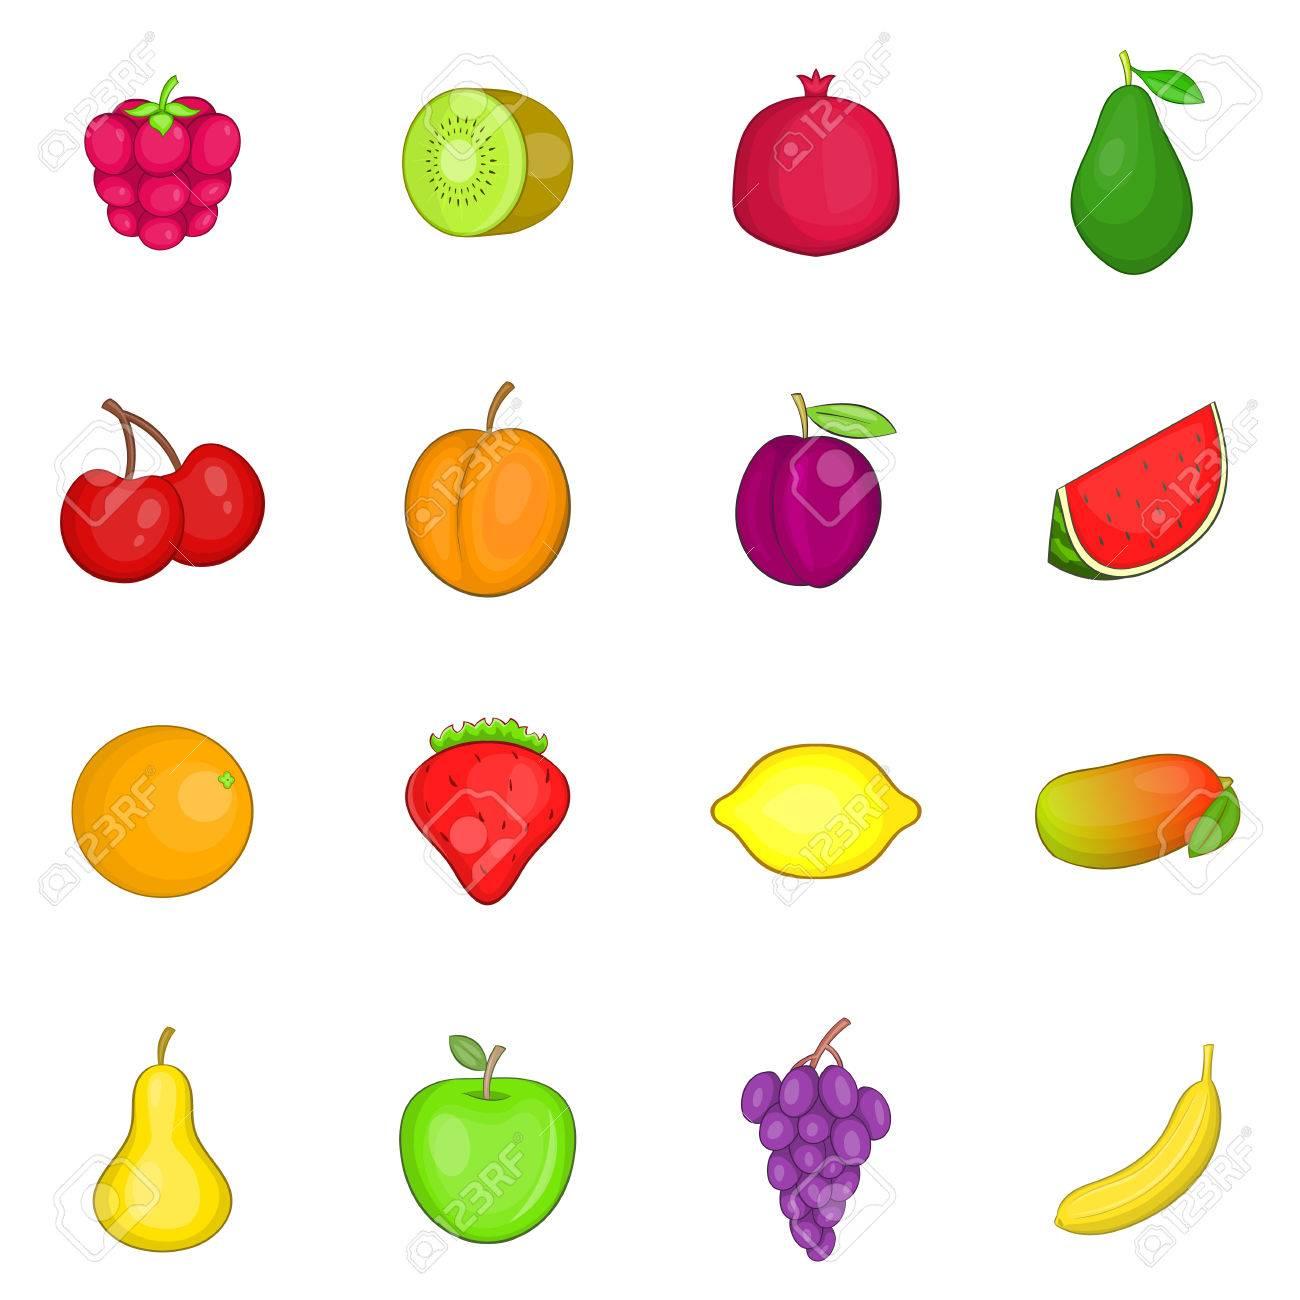 conjunto de iconos de frutas ilustración de dibujos animados de 16